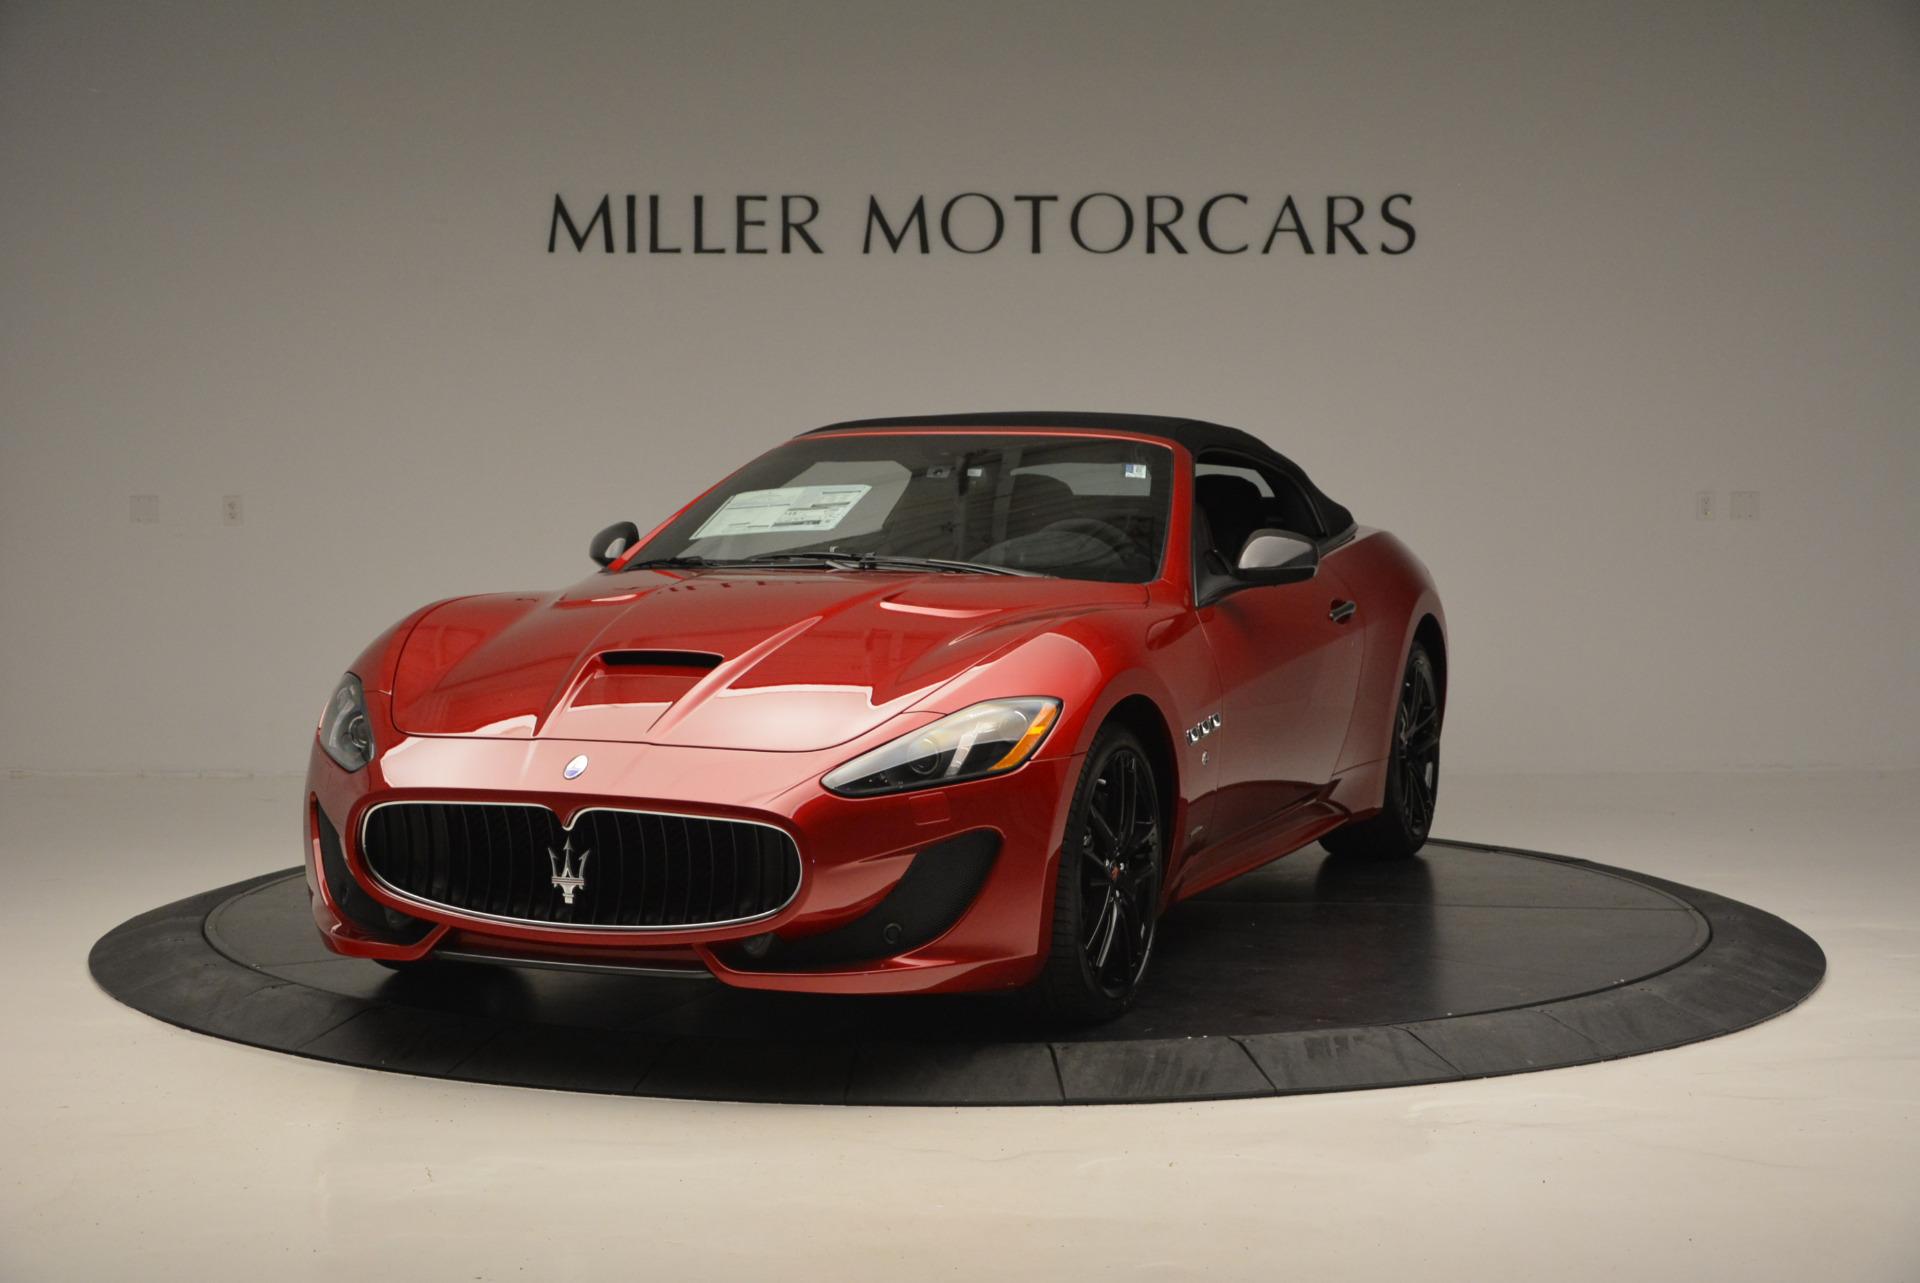 New 2017 Maserati GranTurismo Sport Special Edition For Sale In Greenwich, CT 763_p2